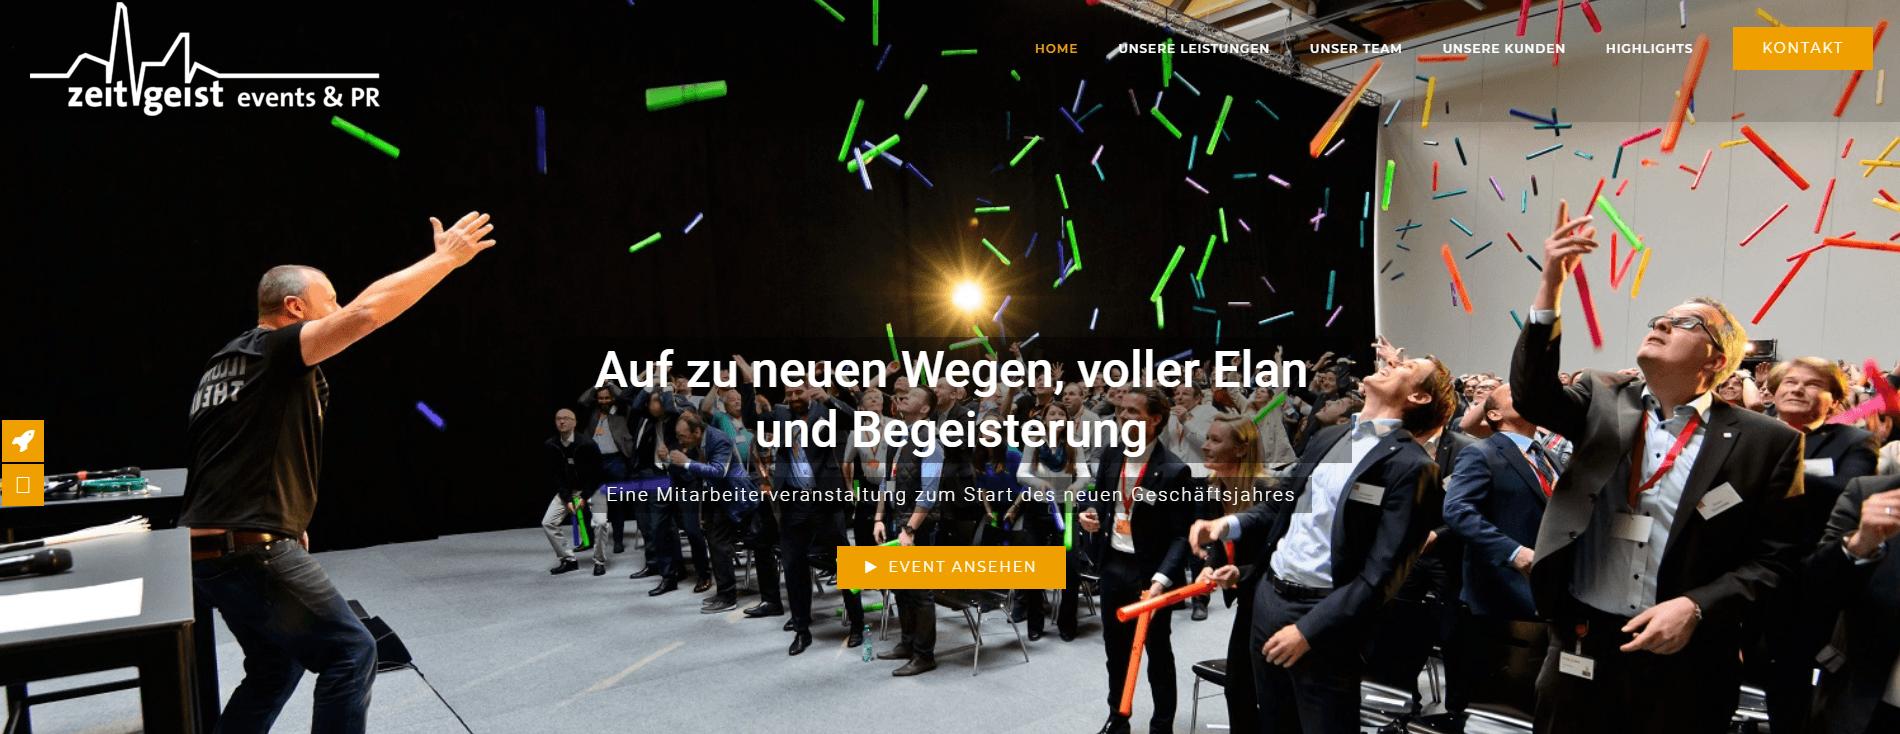 Zeitgeist Webseiten Erstellung - PKOM Webagentur Wien